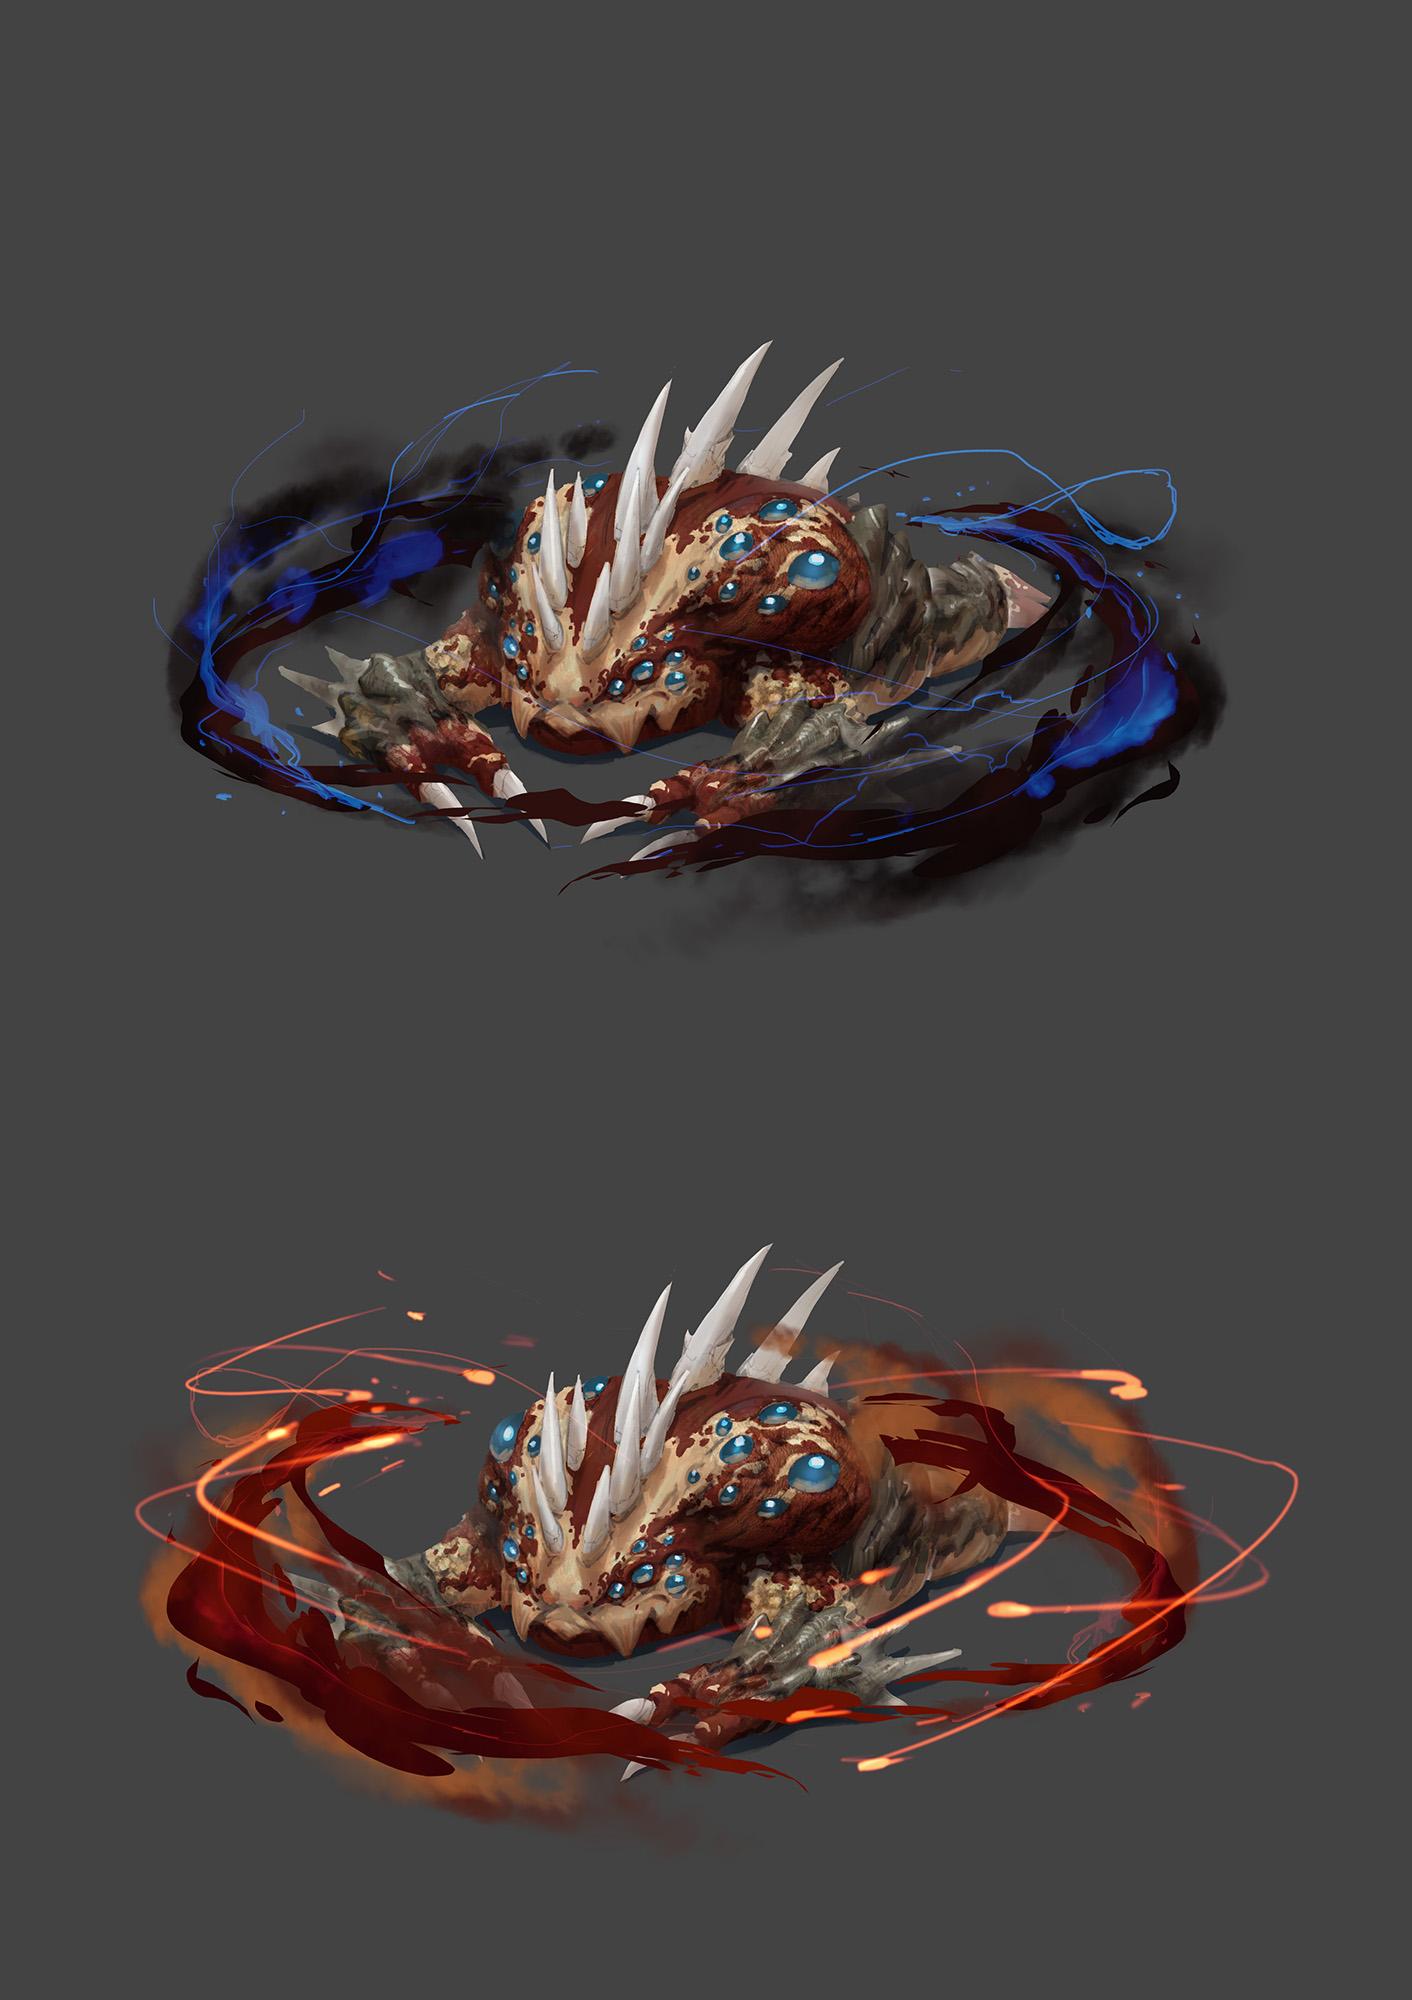 Character_Creatures_Extraterrestrial_Bracati_VFX_04.jpg